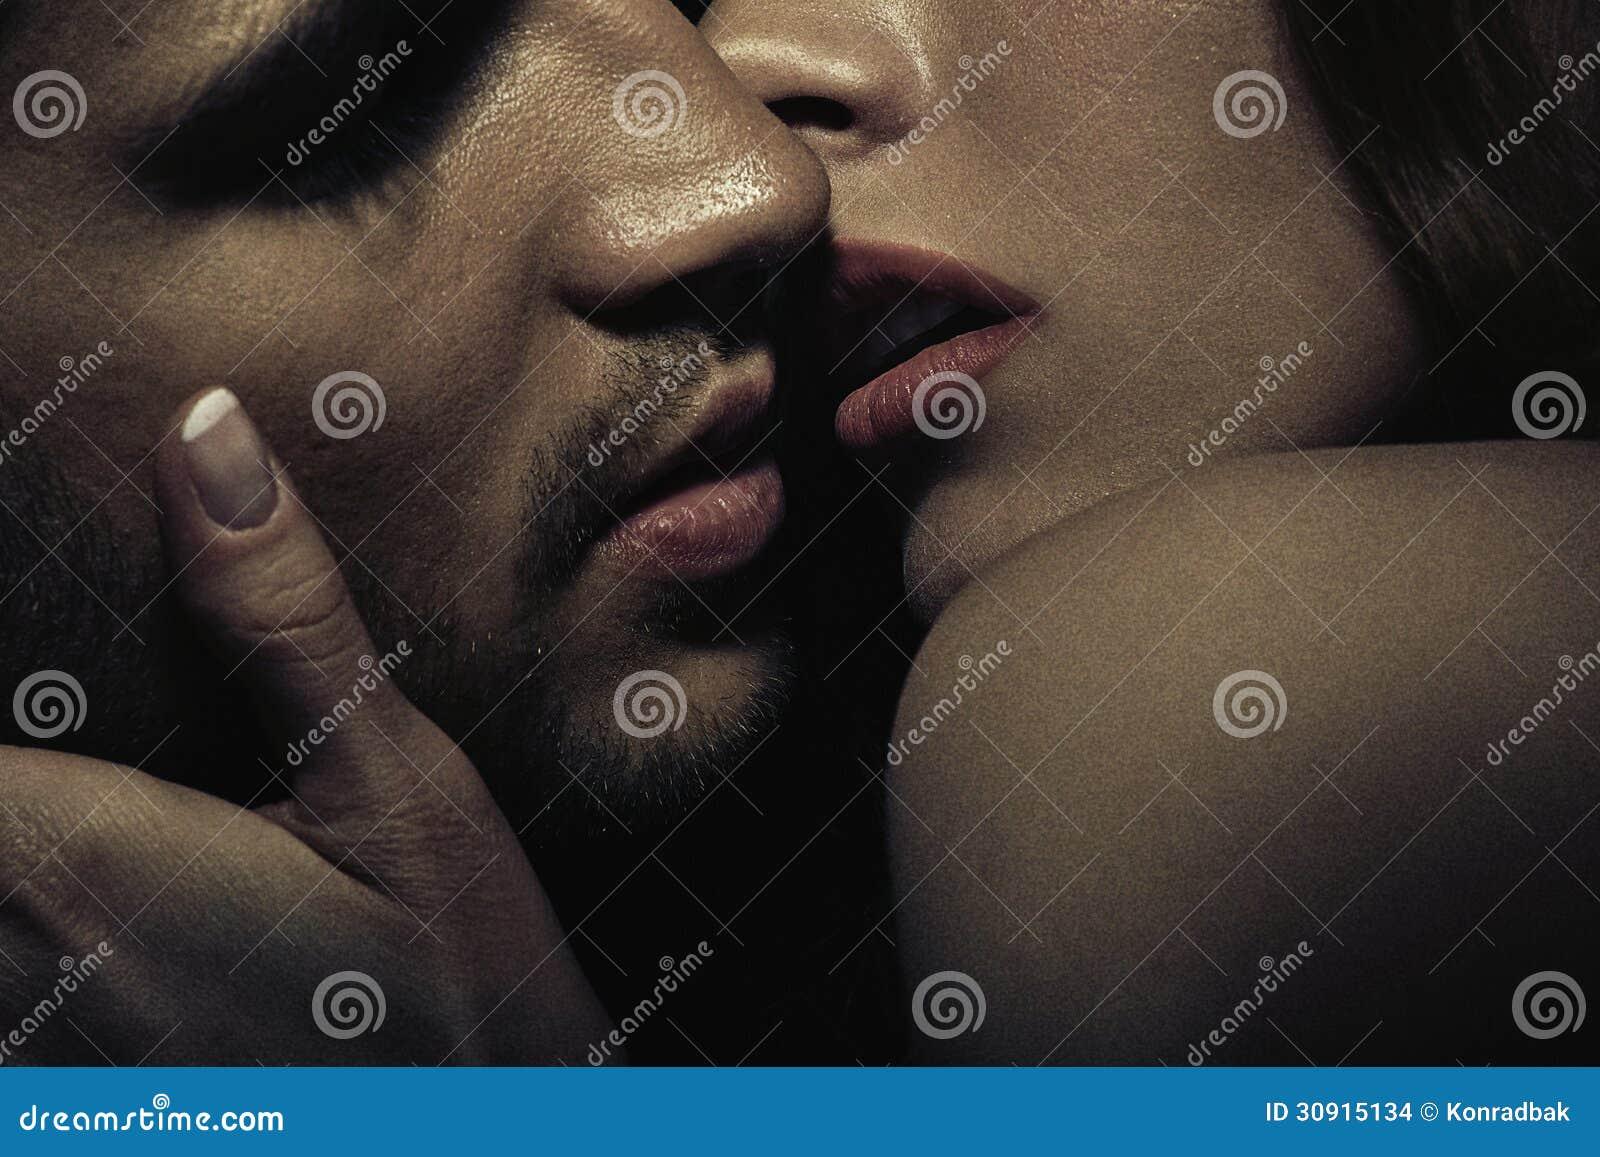 Foto von sinnlichen küssenden Paaren